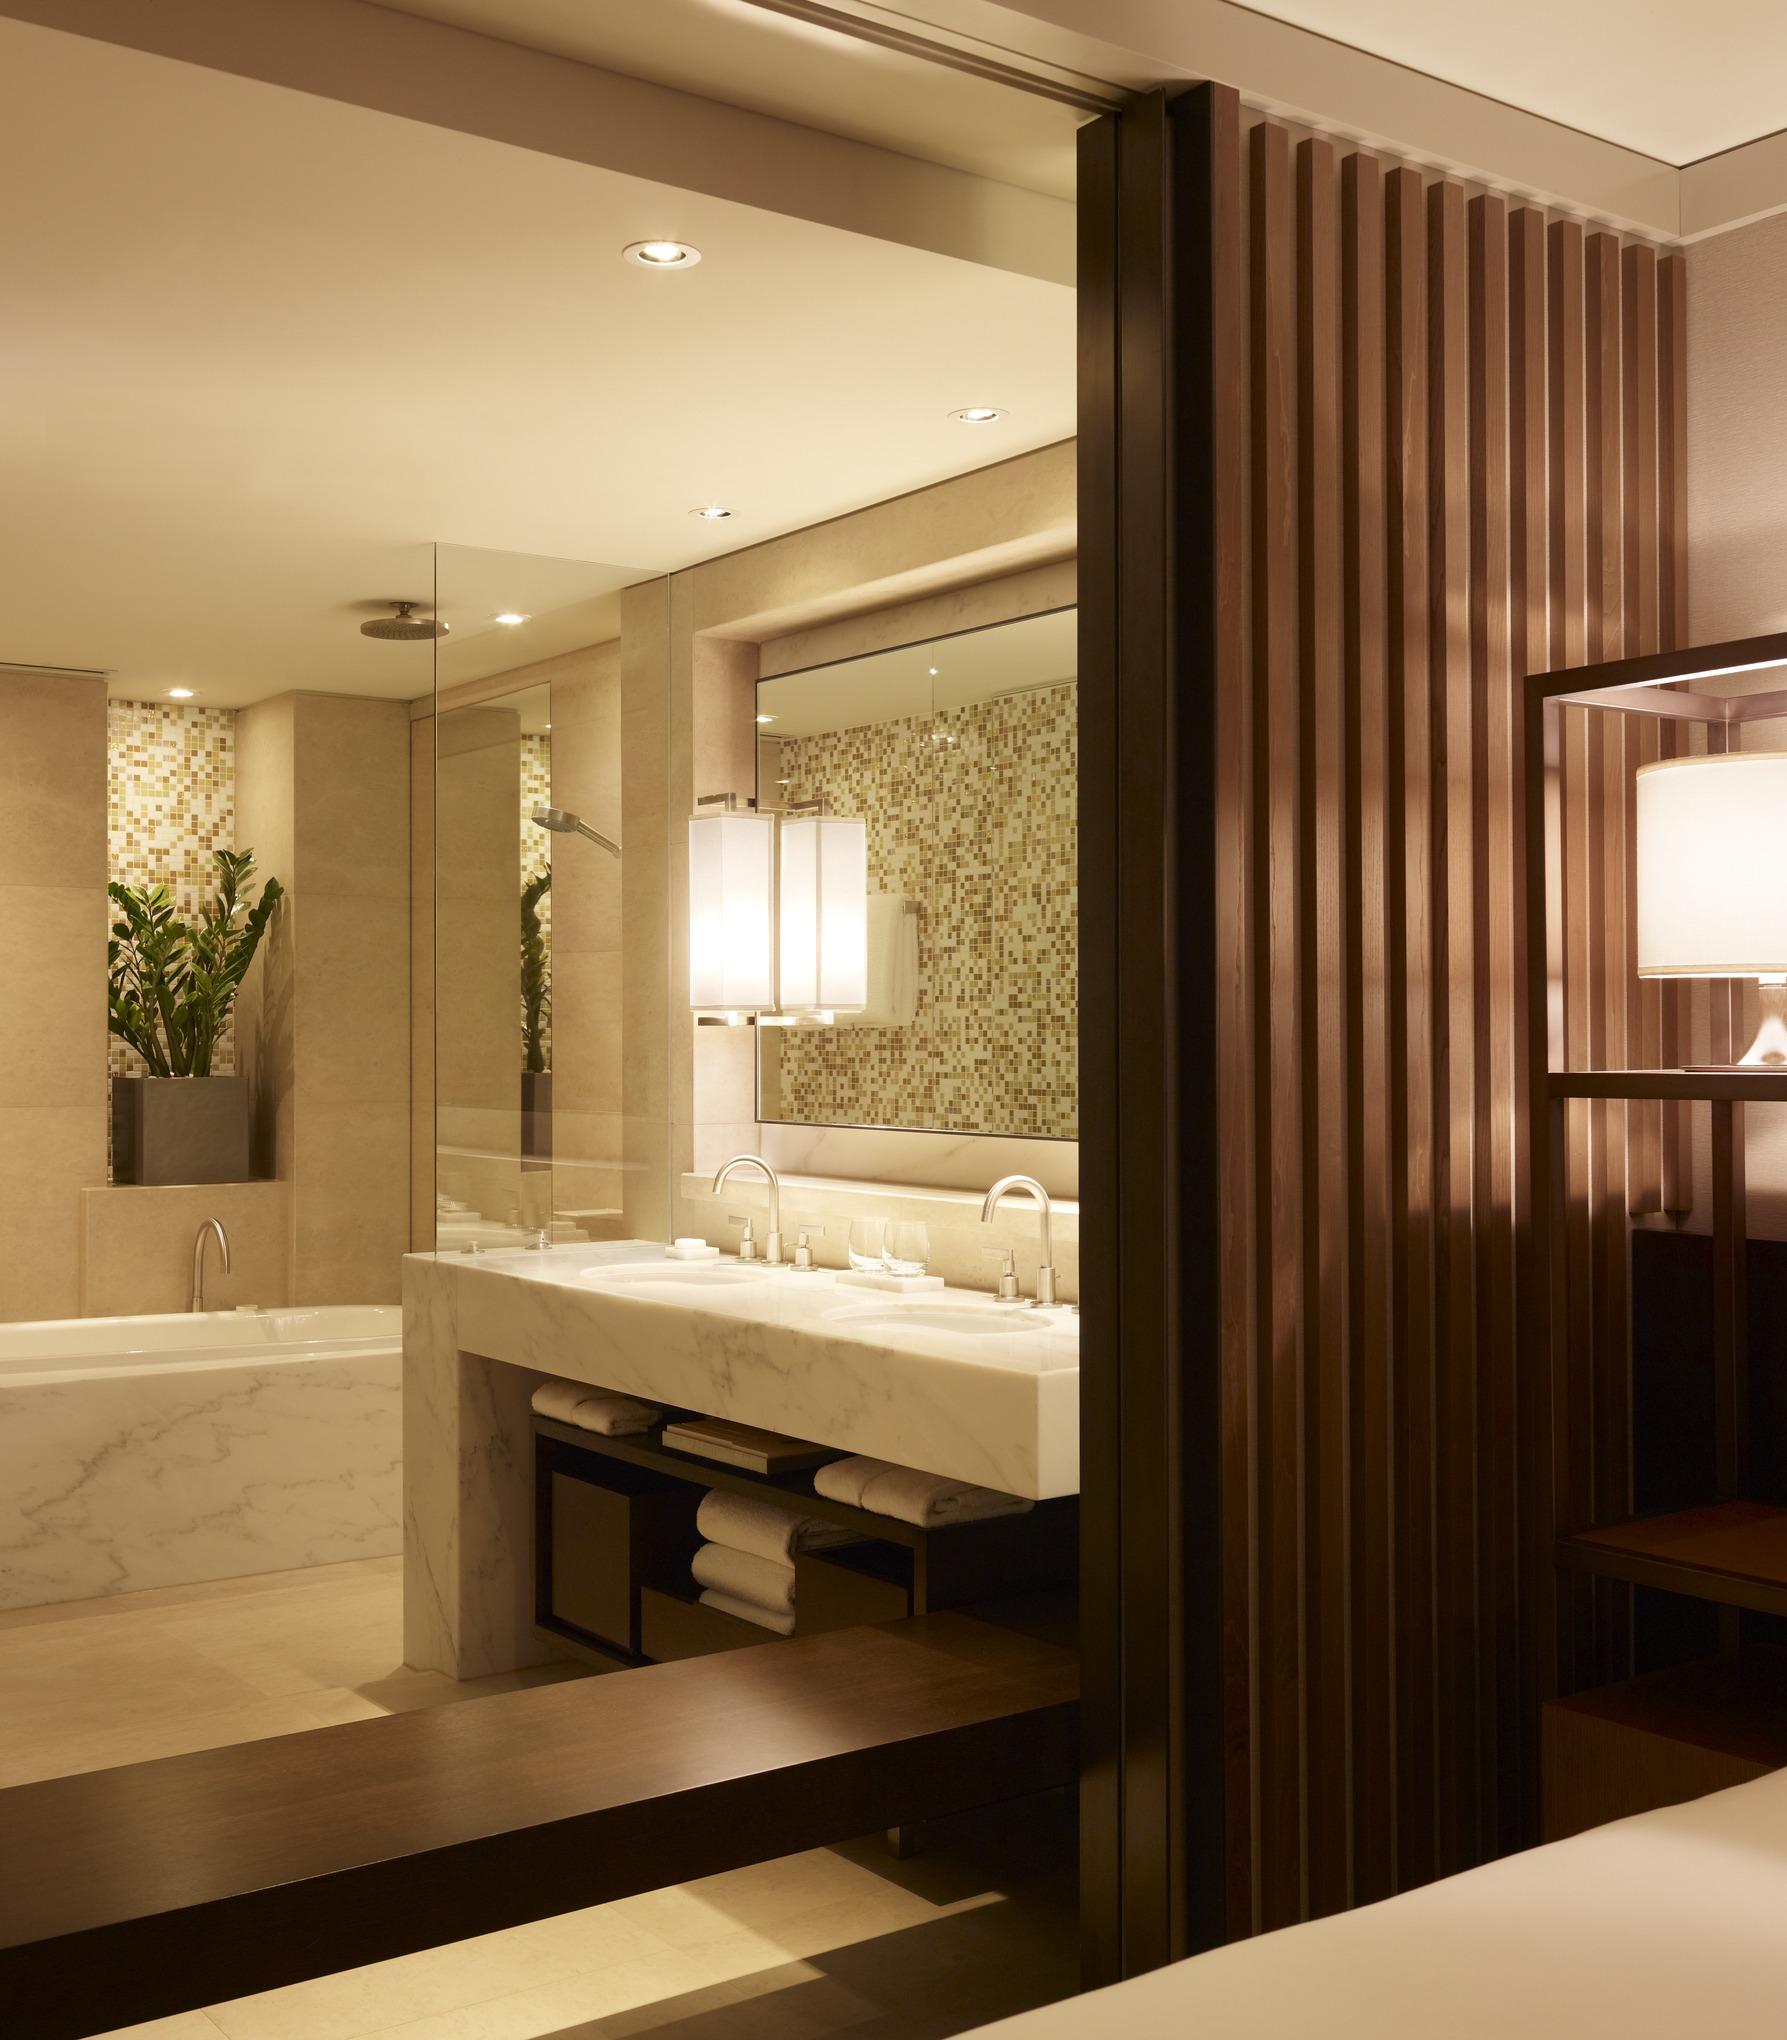 King Opera View Room at Park Hyatt Sydney Hotel